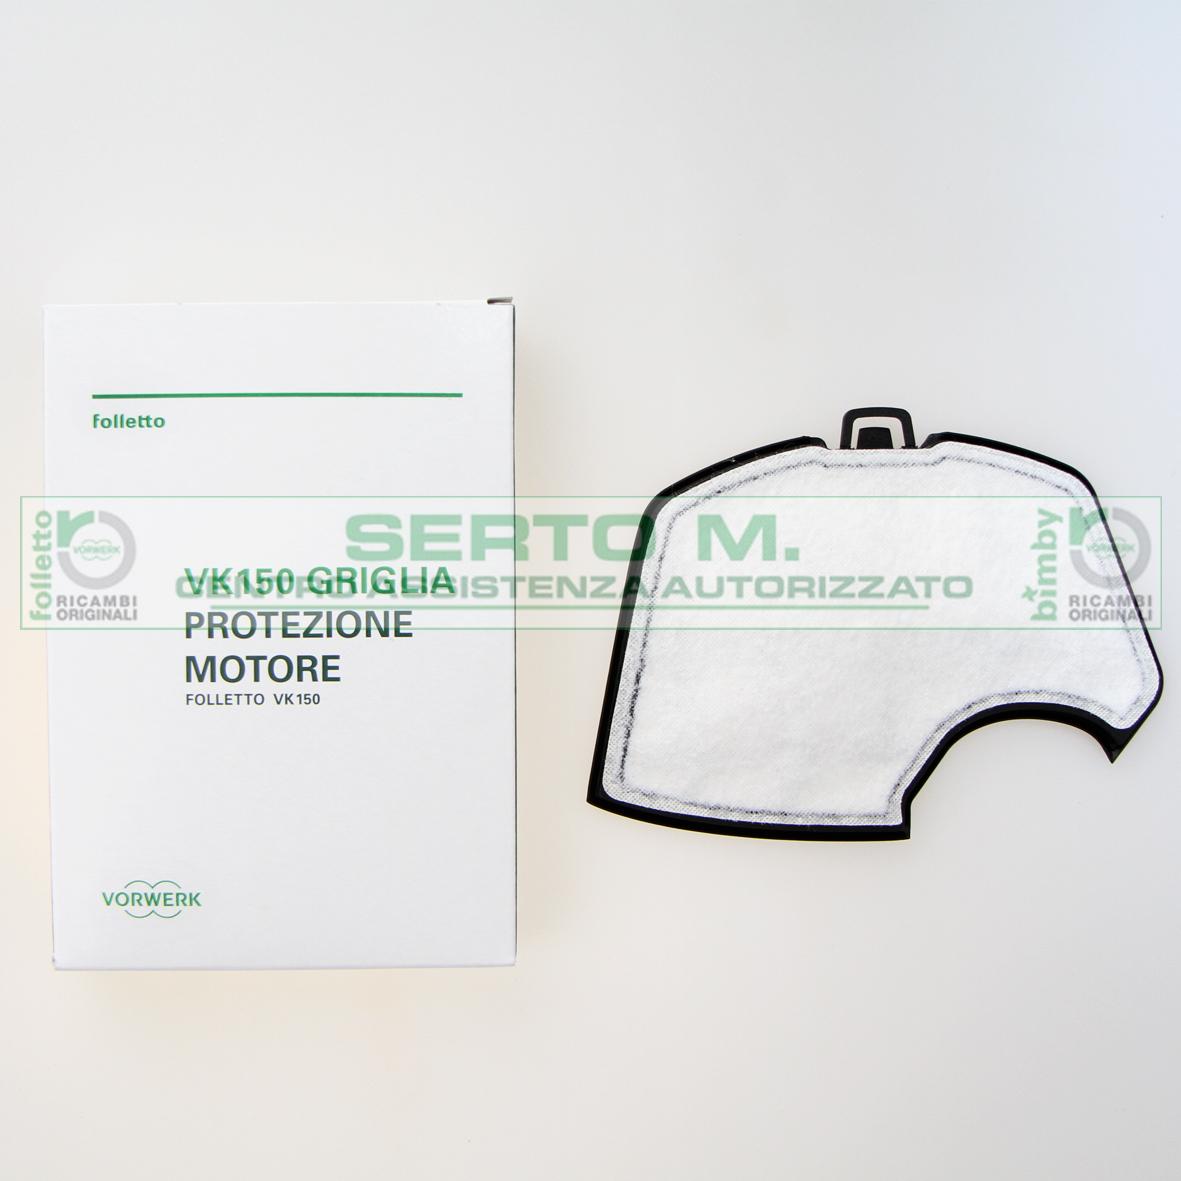 Griglia protezione motore folletto vk140 150 assistenza - Scheda motore folletto vk 140 ...